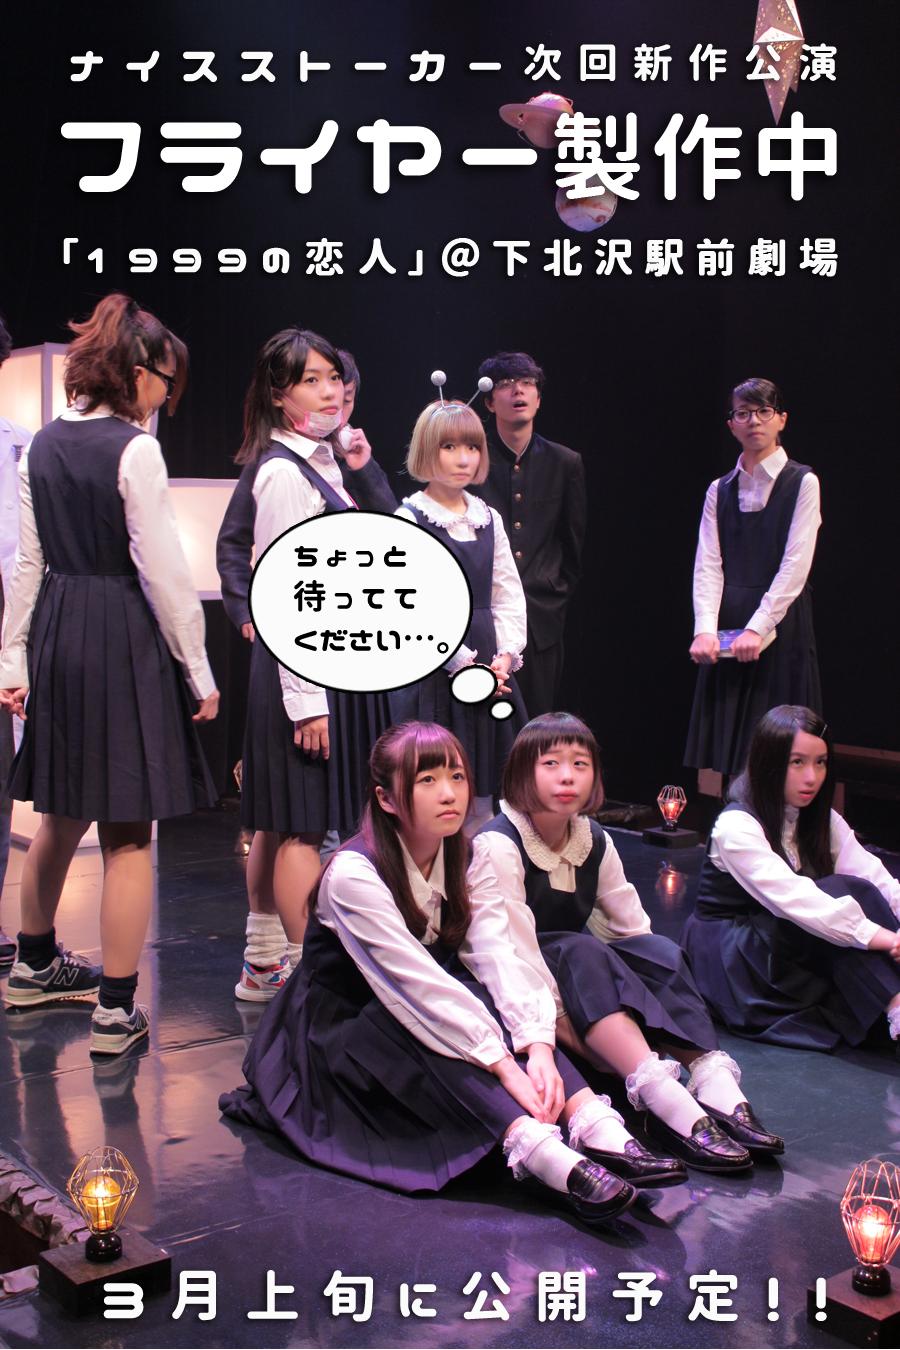 1999の恋人【2017年5/4木~5/8月@下北沢駅前劇場】